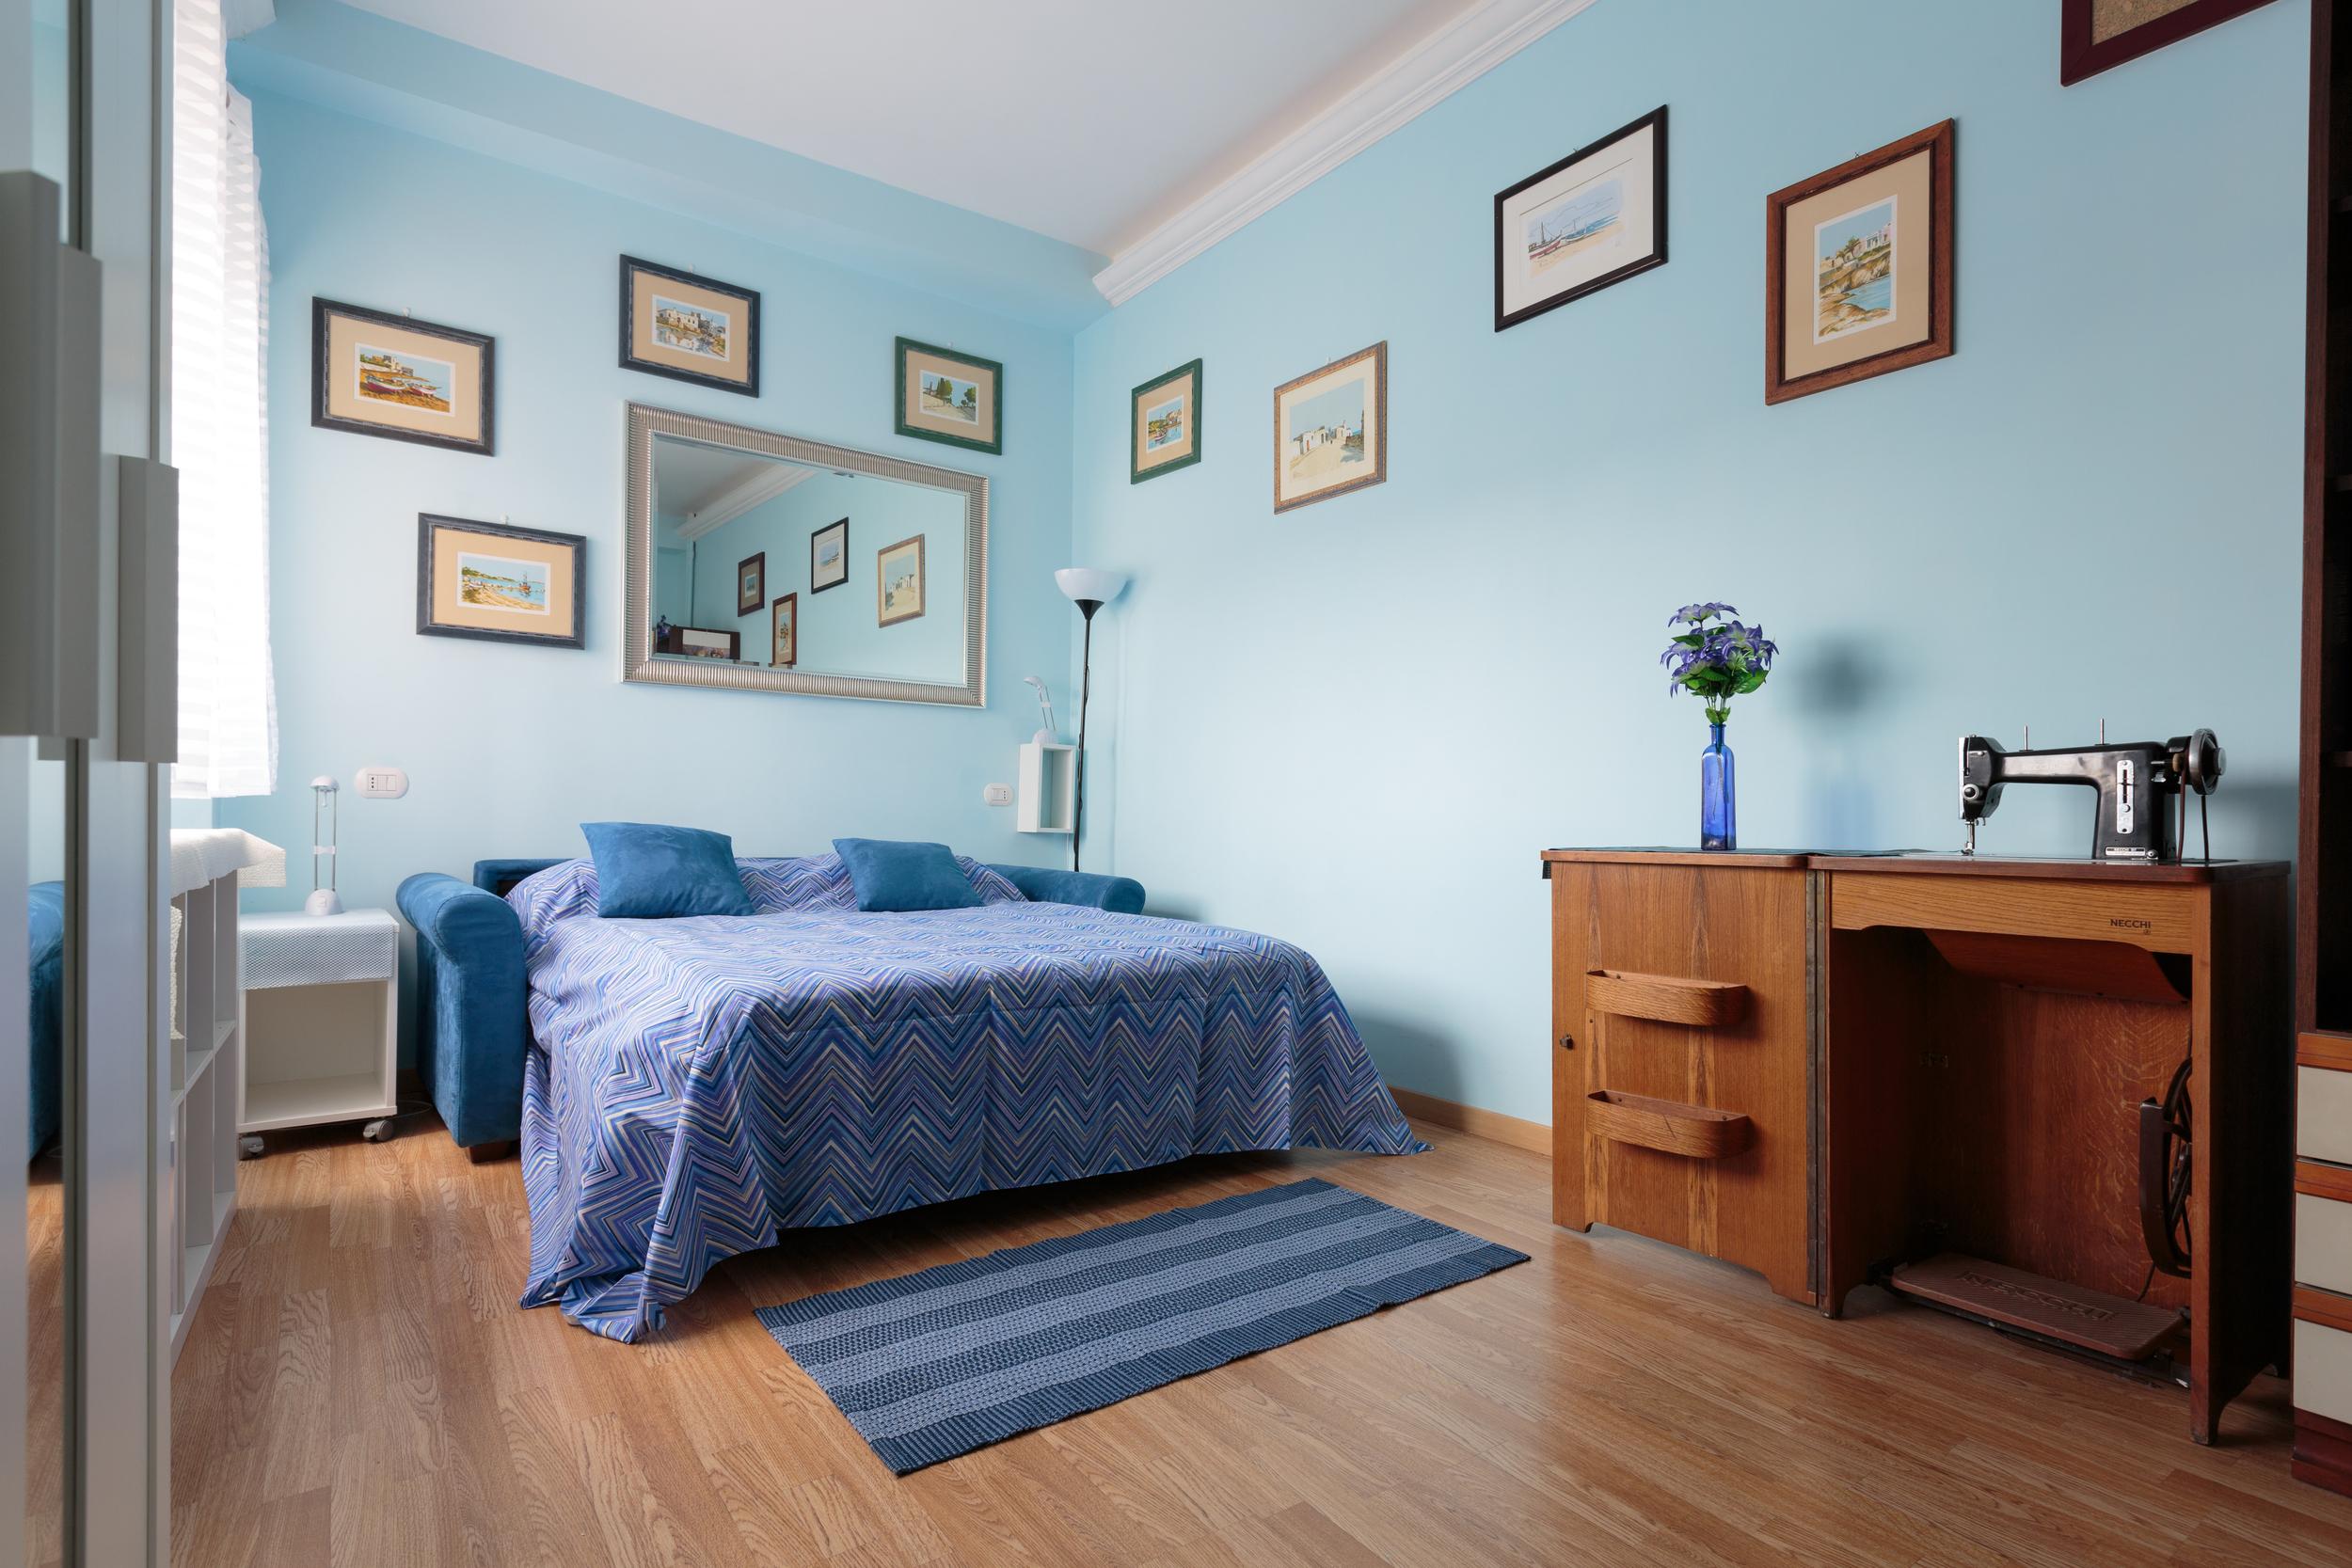 blueroom1.jpg